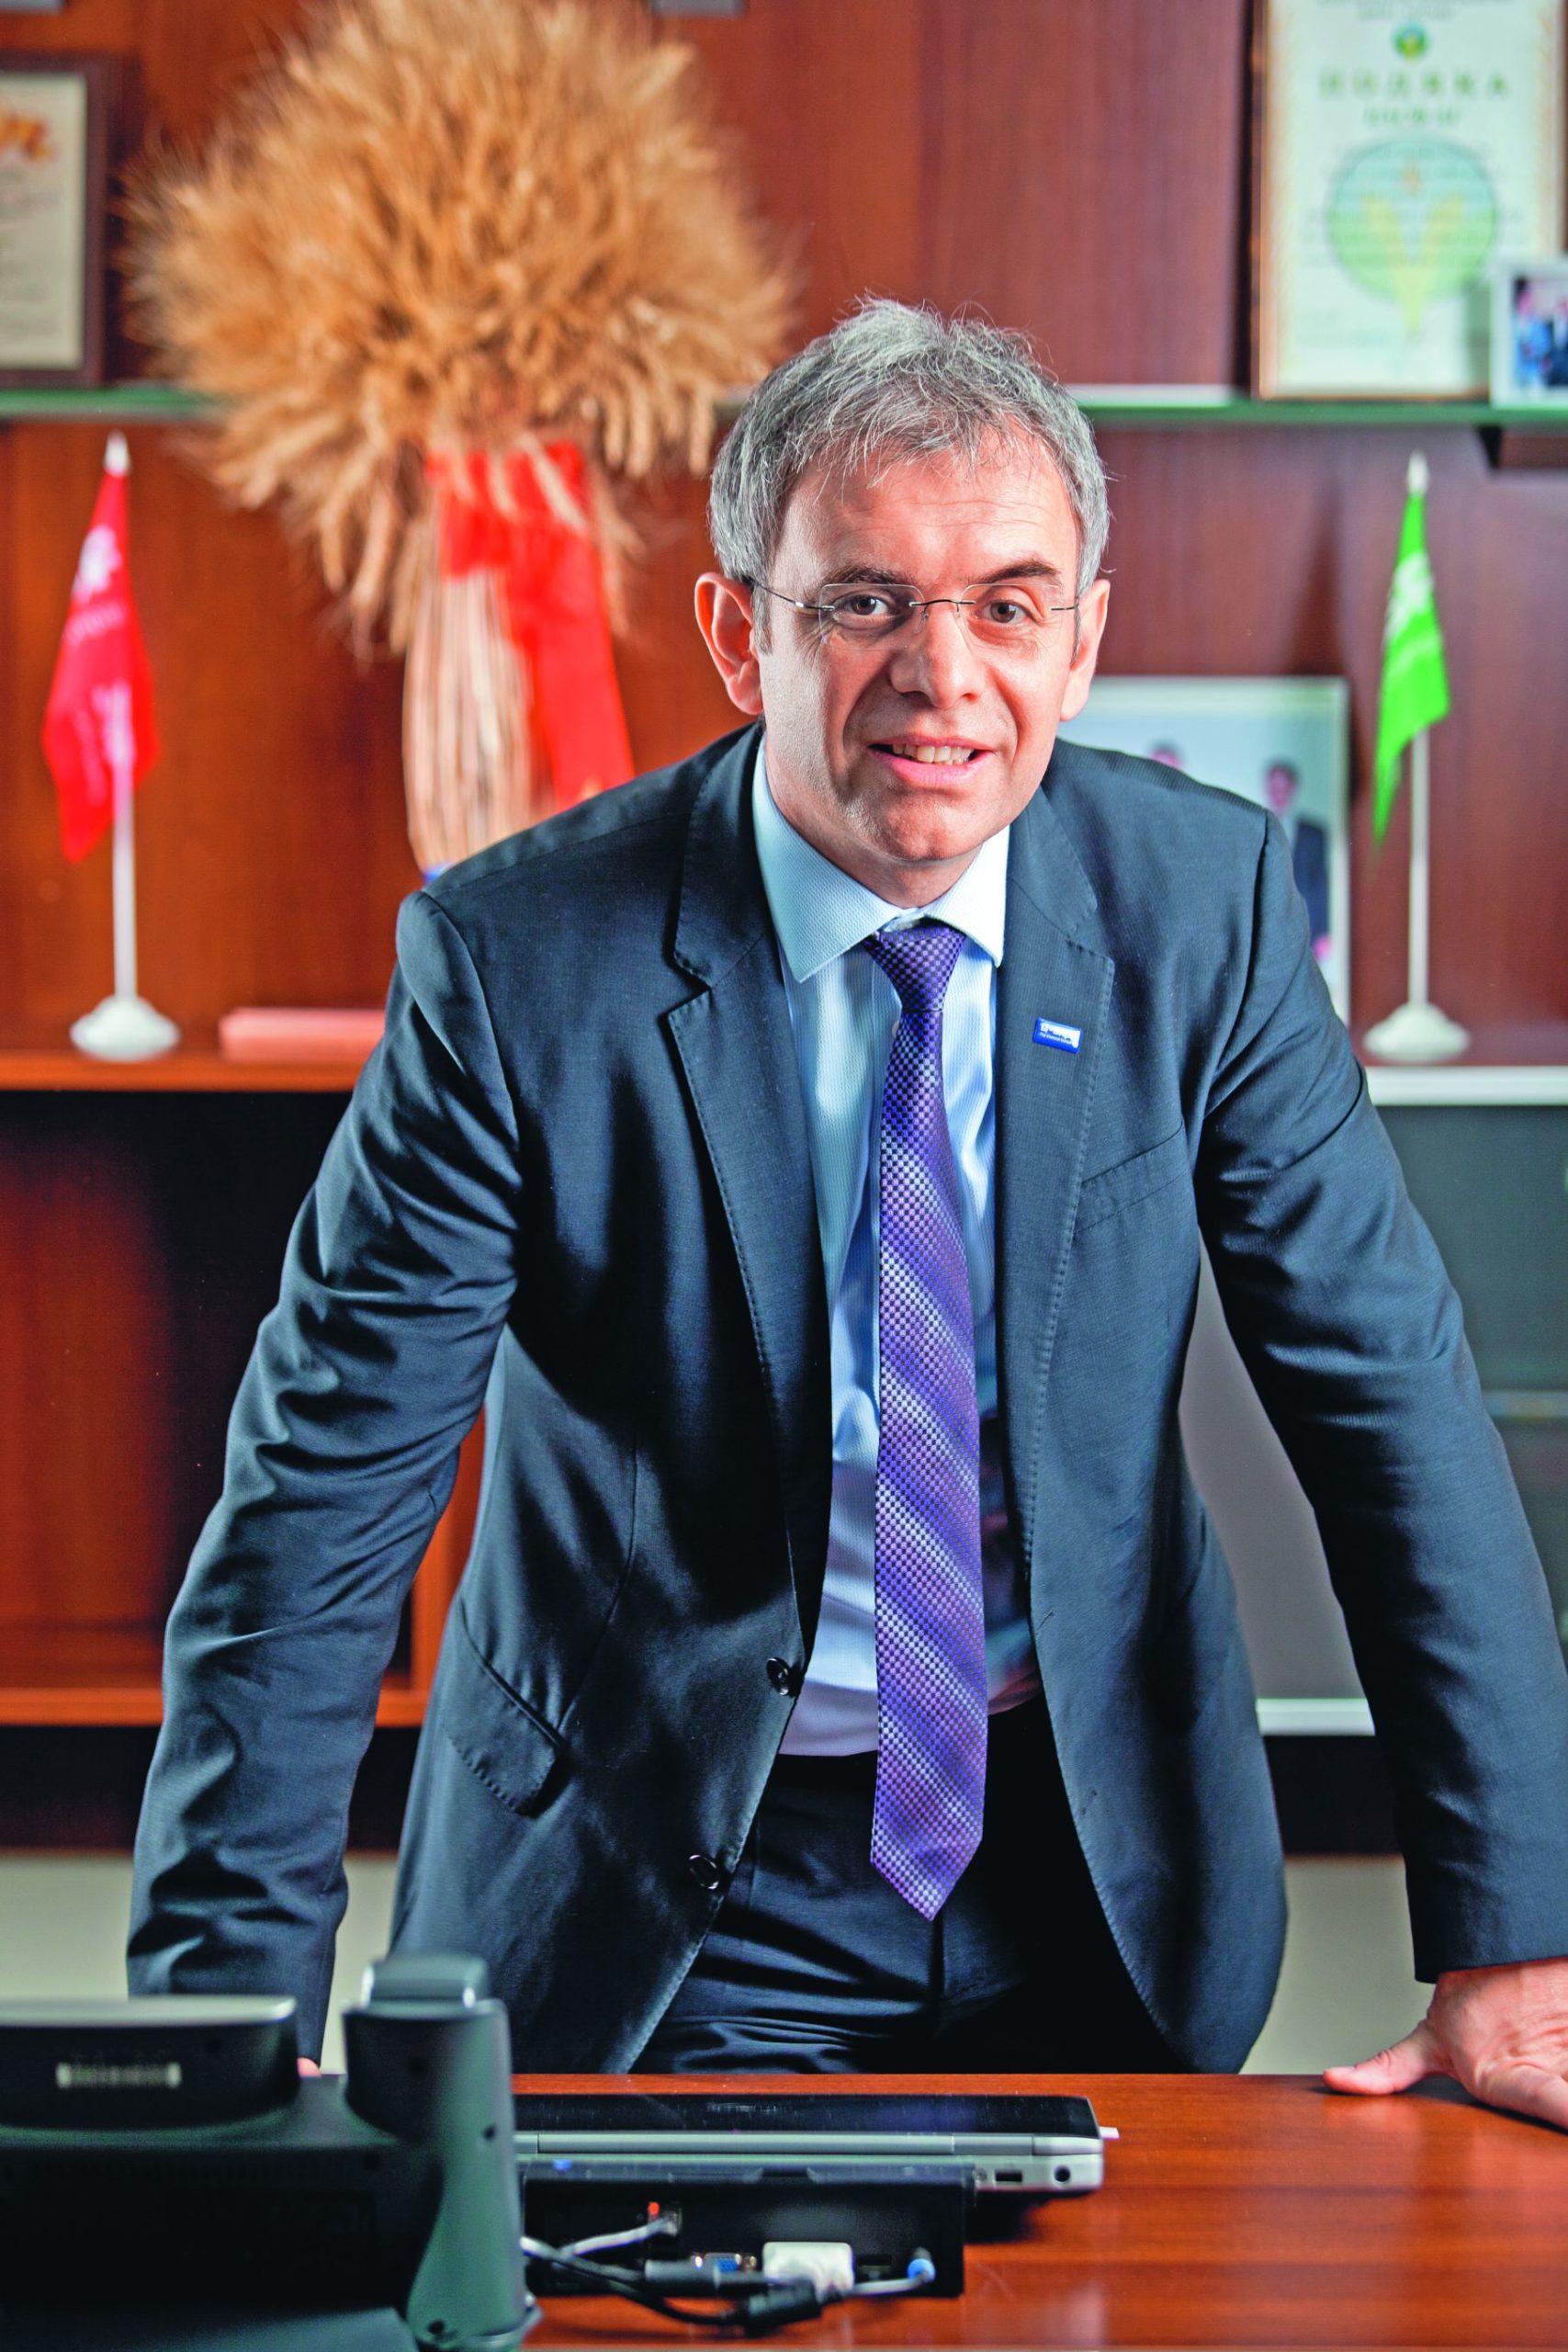 Тибериу Дима, руководитель компании BASF  по Украине, Молдове и странам Кавказа  Работать с высокими профессионалами – это вызов